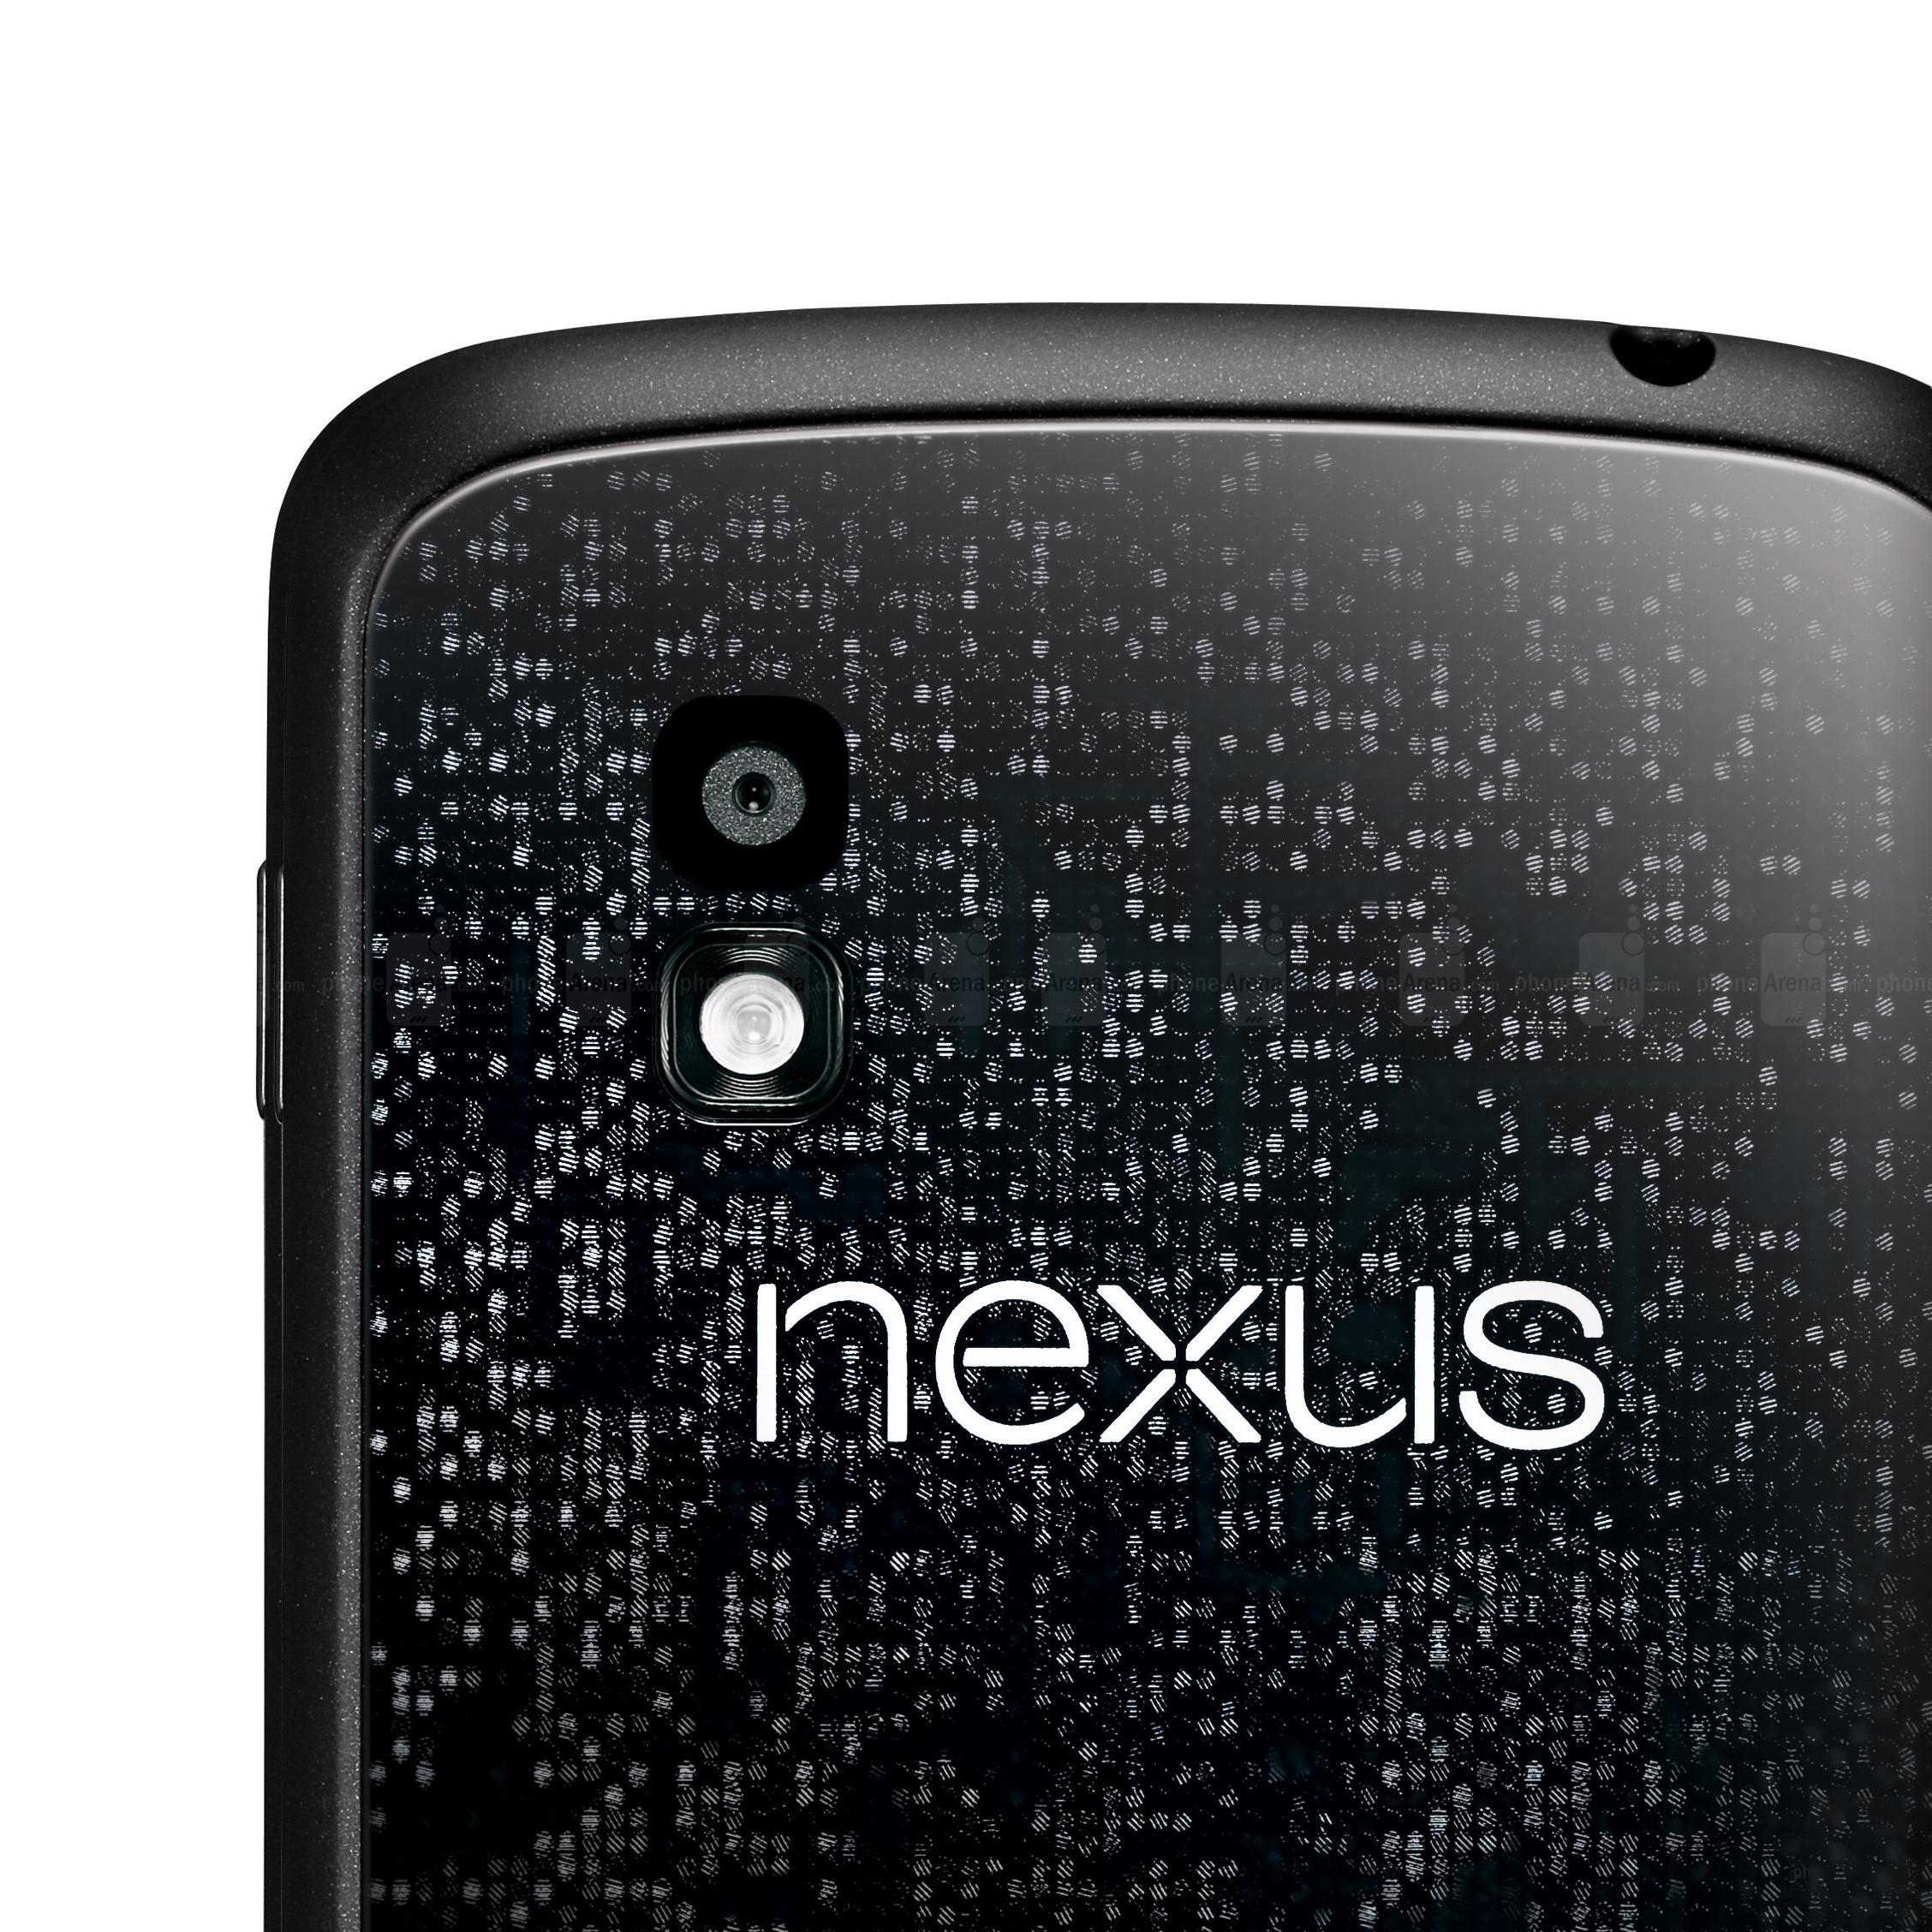 LG Nexus 4 16GB schwarz für 49,90 €, B-Ware/Kundenretoure